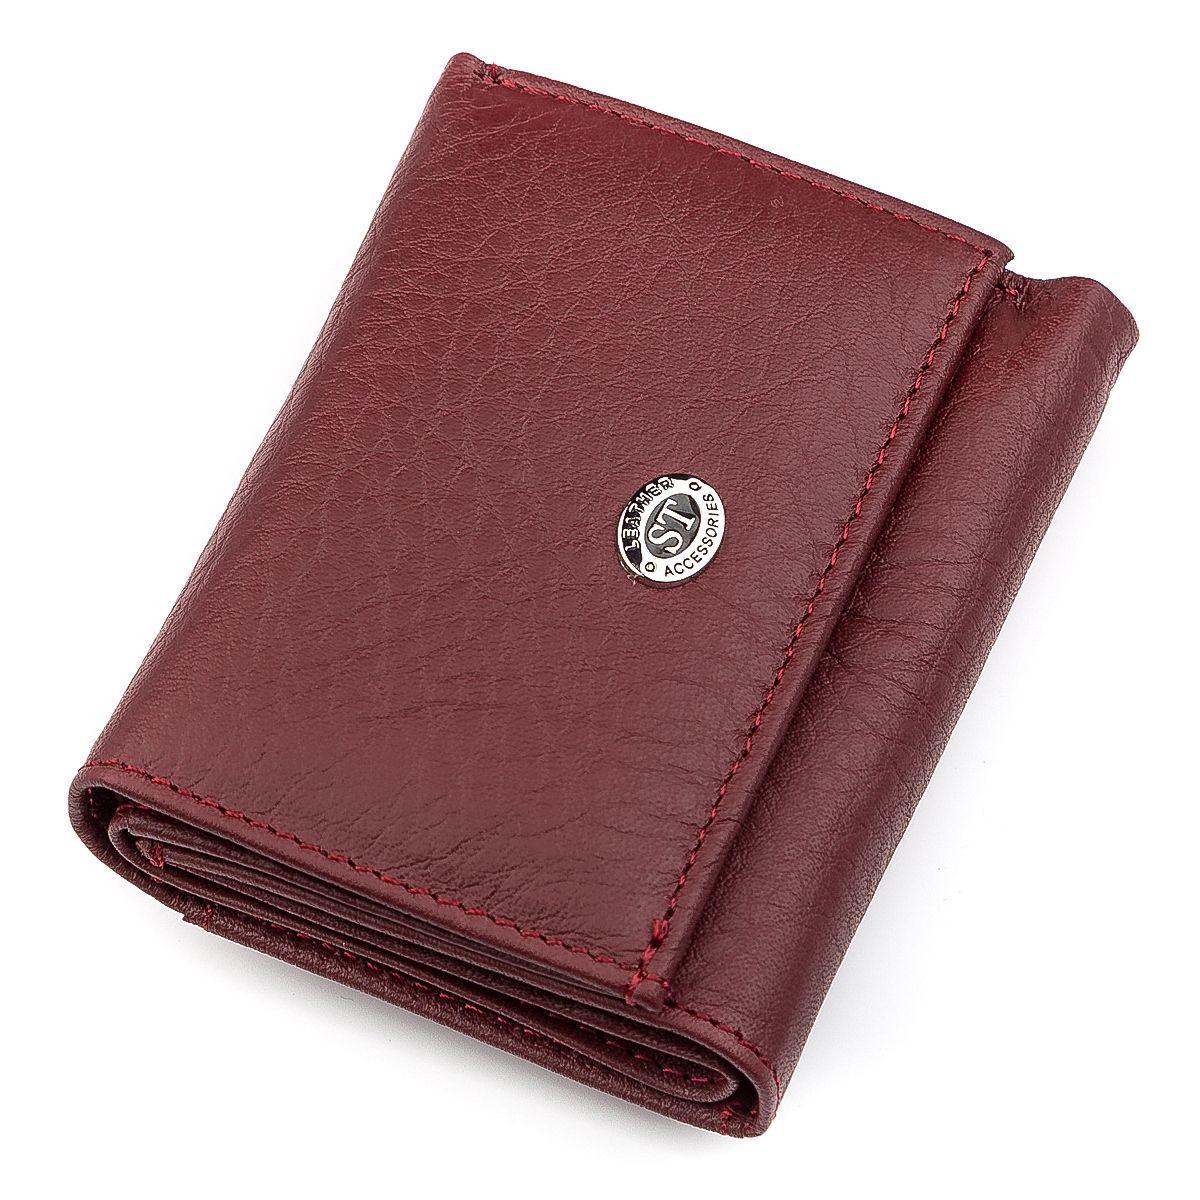 Кошелек ST Leather 18324 (ST440) кожа Бордовый, Бордовый